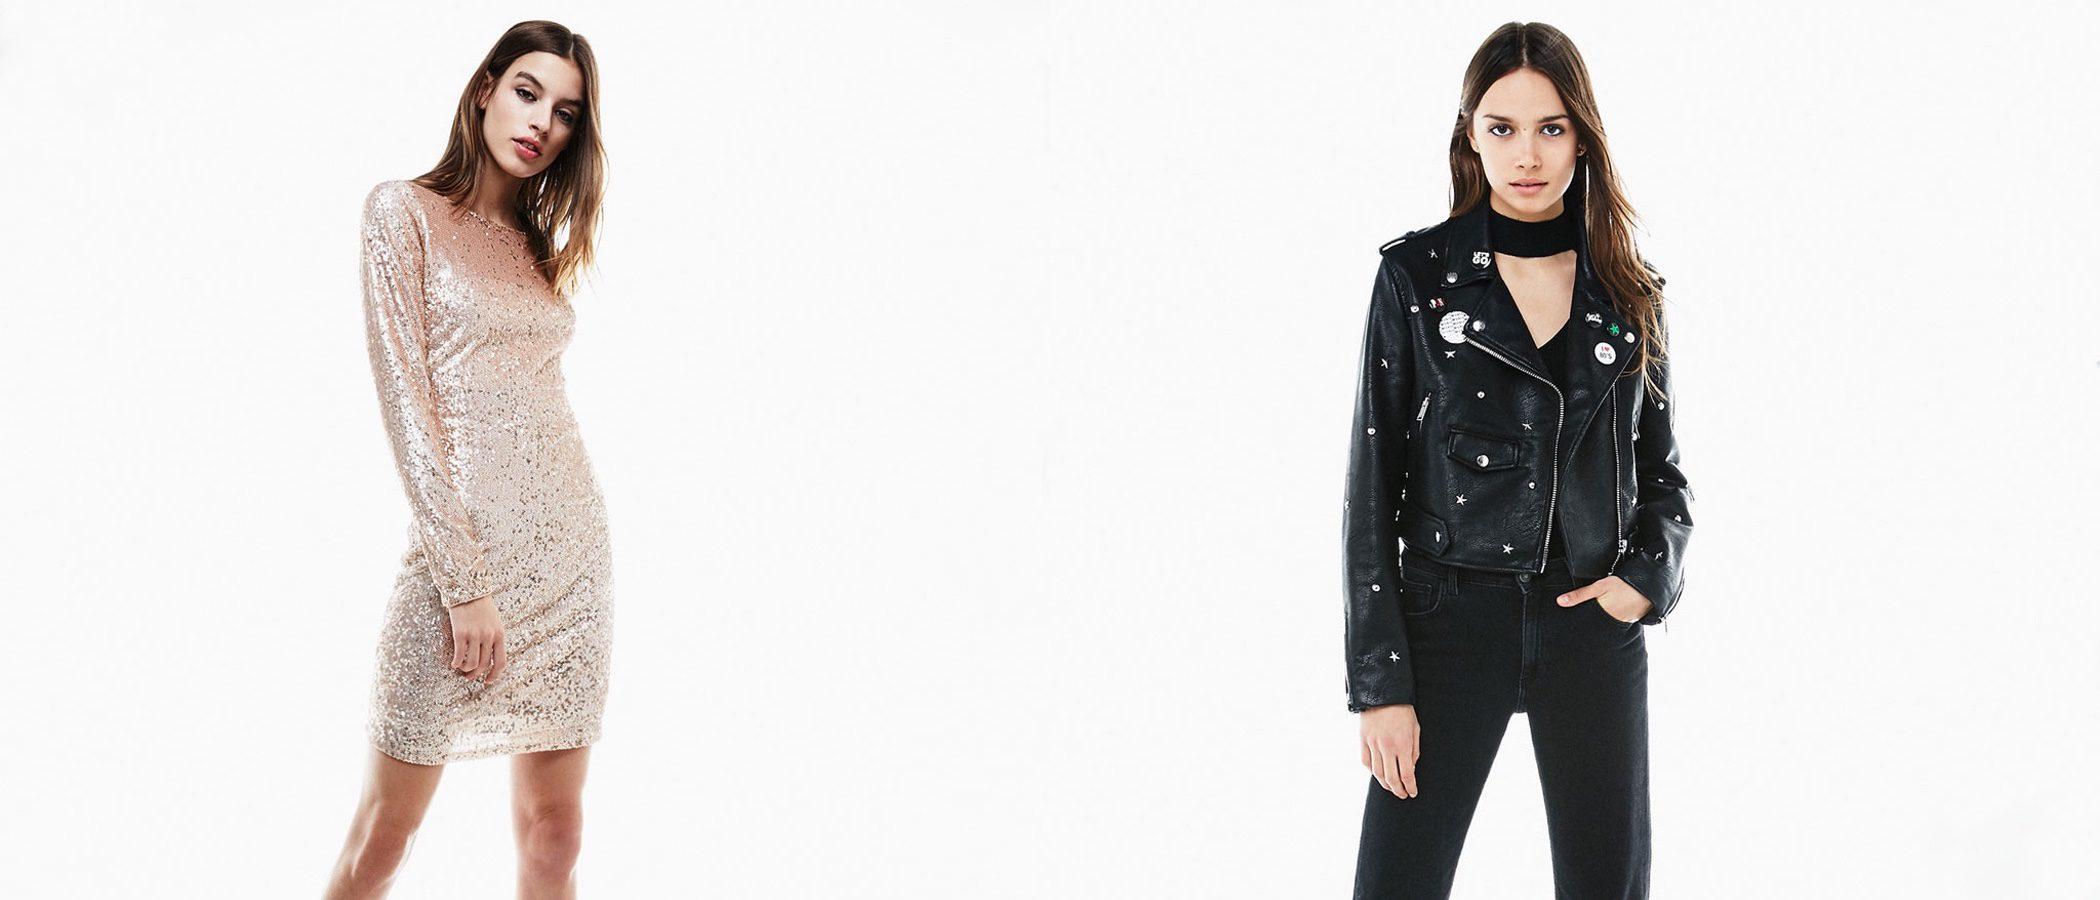 Los tonos metalizados y el estilo rocker llegan a Bershka en Navidad 2016